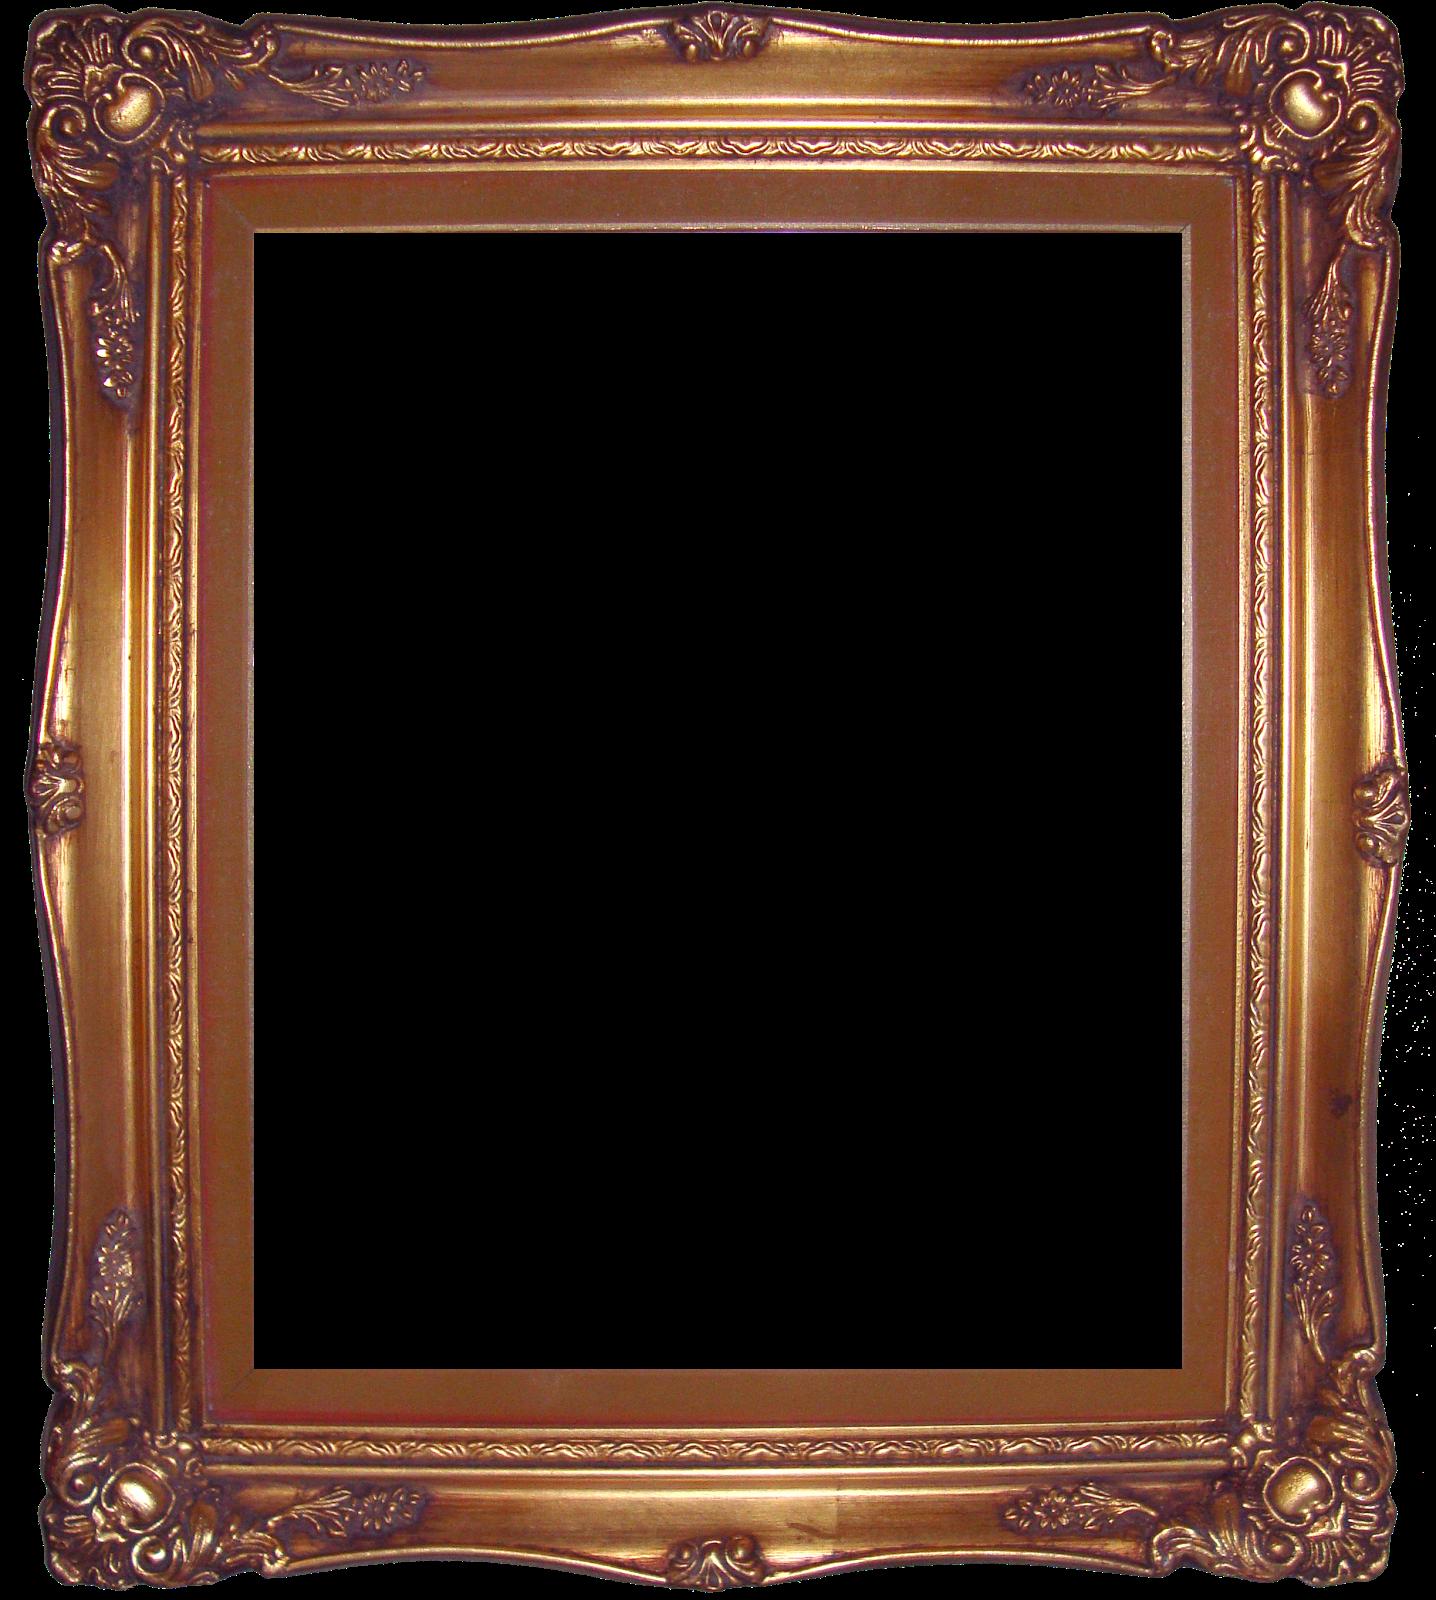 Vintage transparent pictures free. Ornate frame png